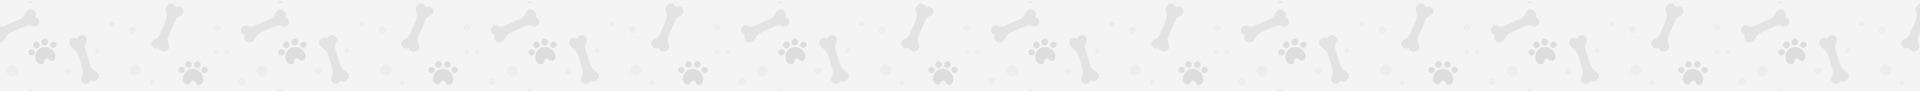 Amazing dog banner